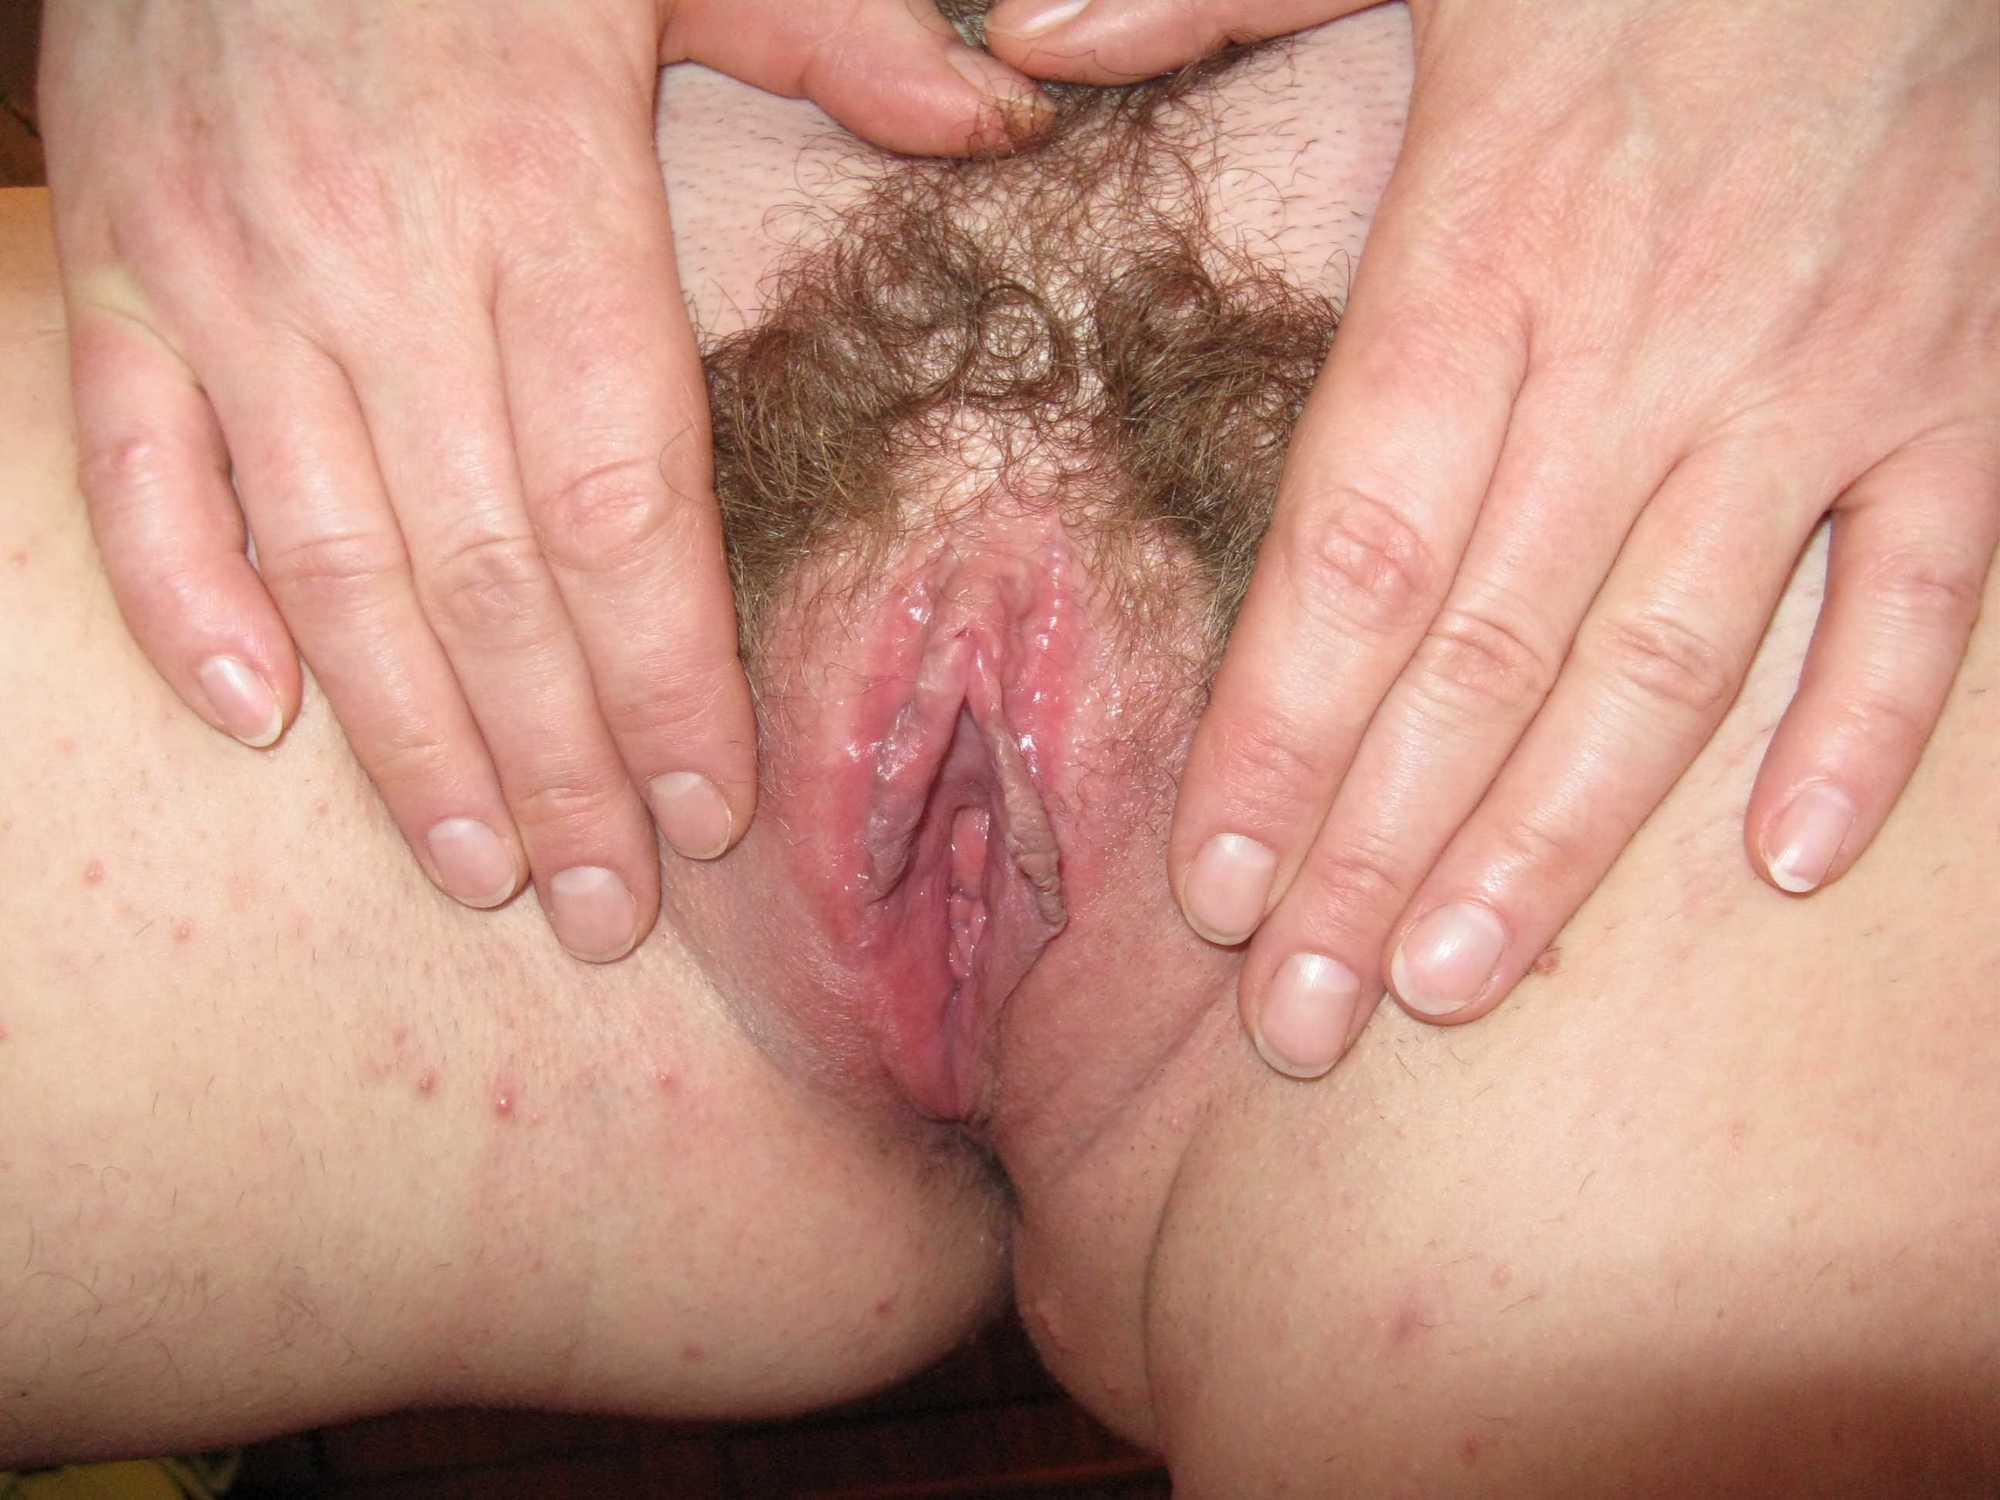 Возрастная шлюха хвастается мохнатой вагиной в свободное время